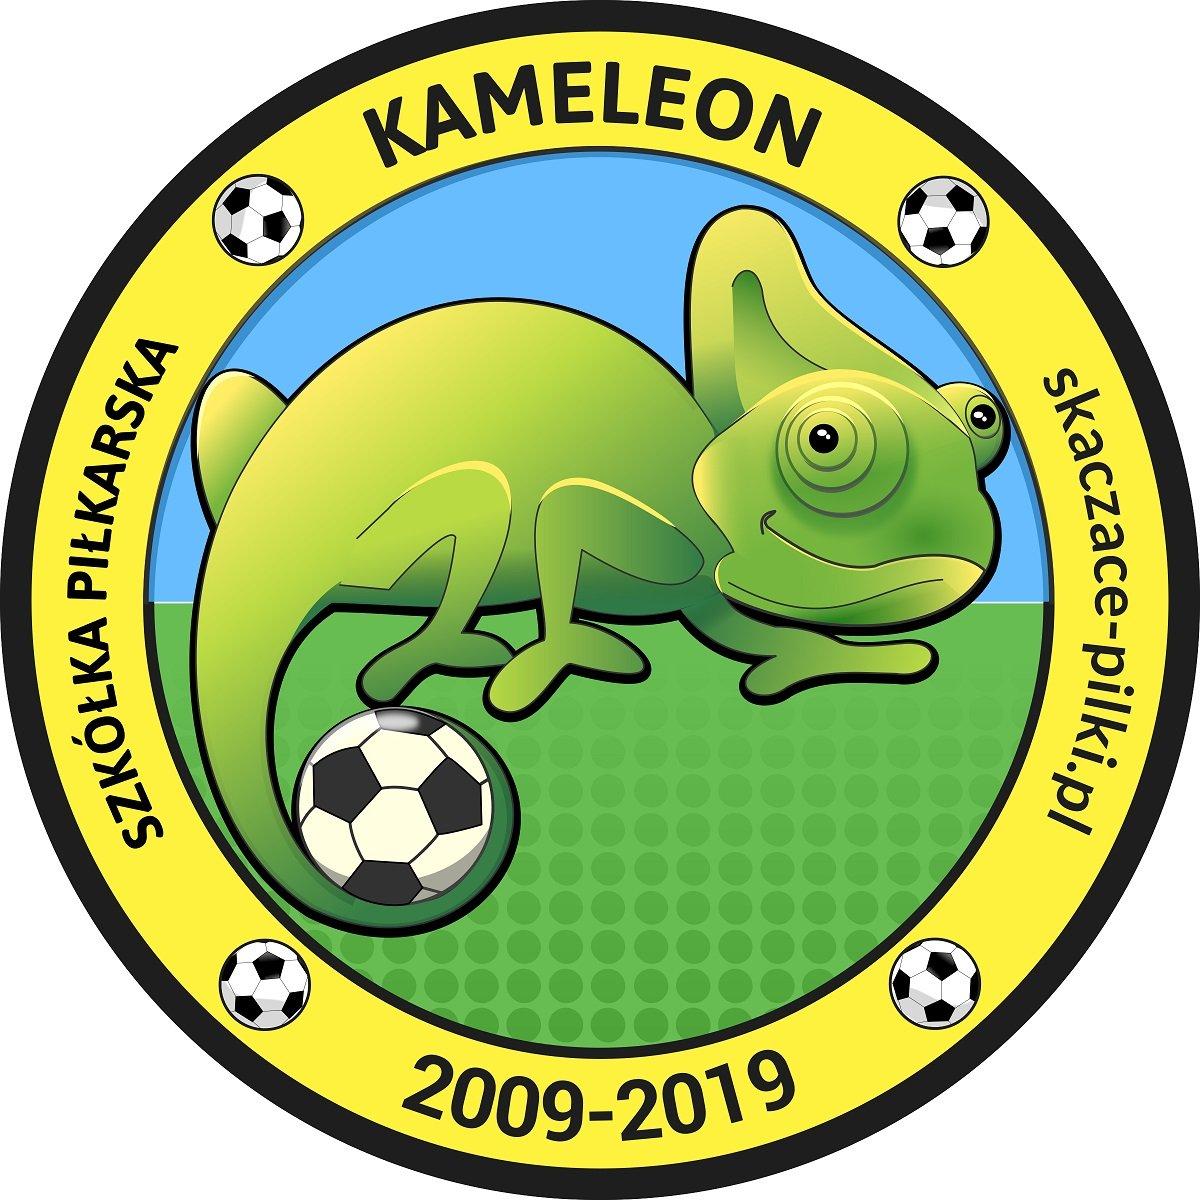 Szkółka Piłkarska Kameleon teraz na Woli